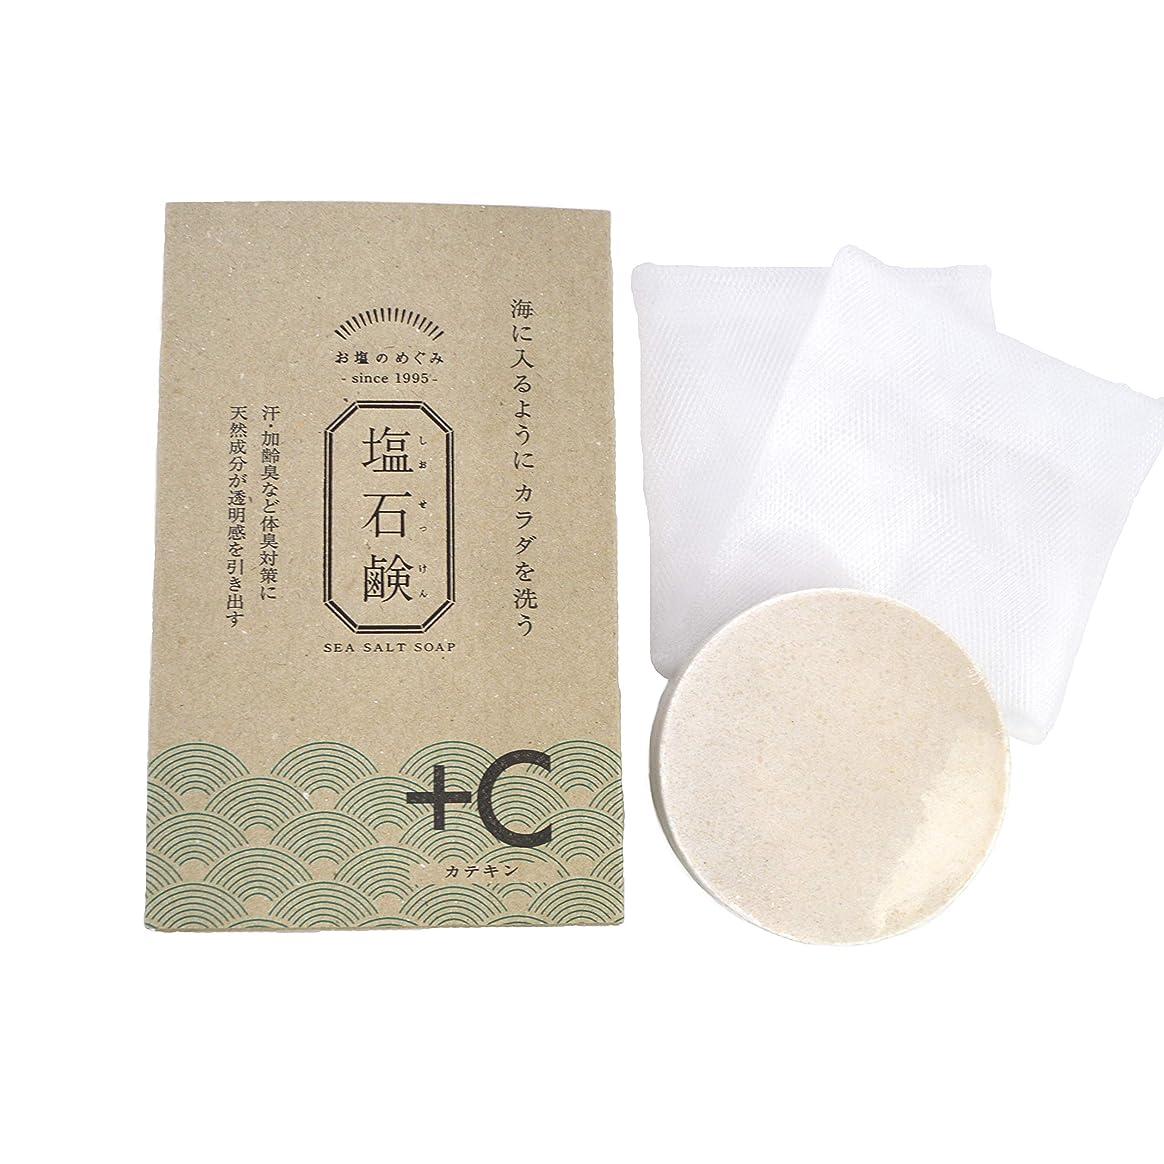 喪予想外軍隊植物性 海塩 洗顔 ボディ用 石鹸 低刺激 敏感肌用 うるおい肌 体臭に効く 石鹸 (塩せっけん さわやかカテキン)